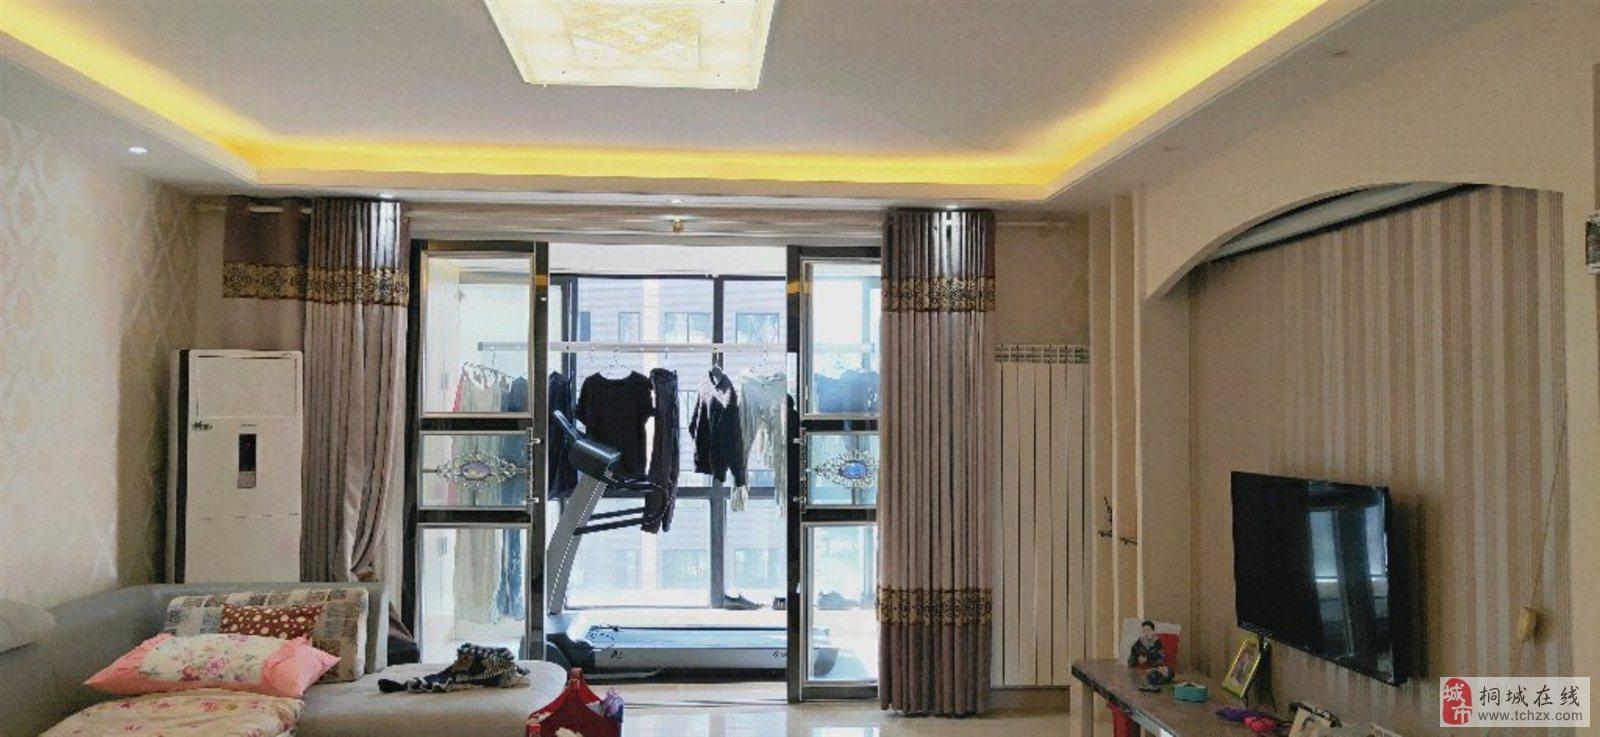 金星中央城高端品质小区豪装大三房即买即住市